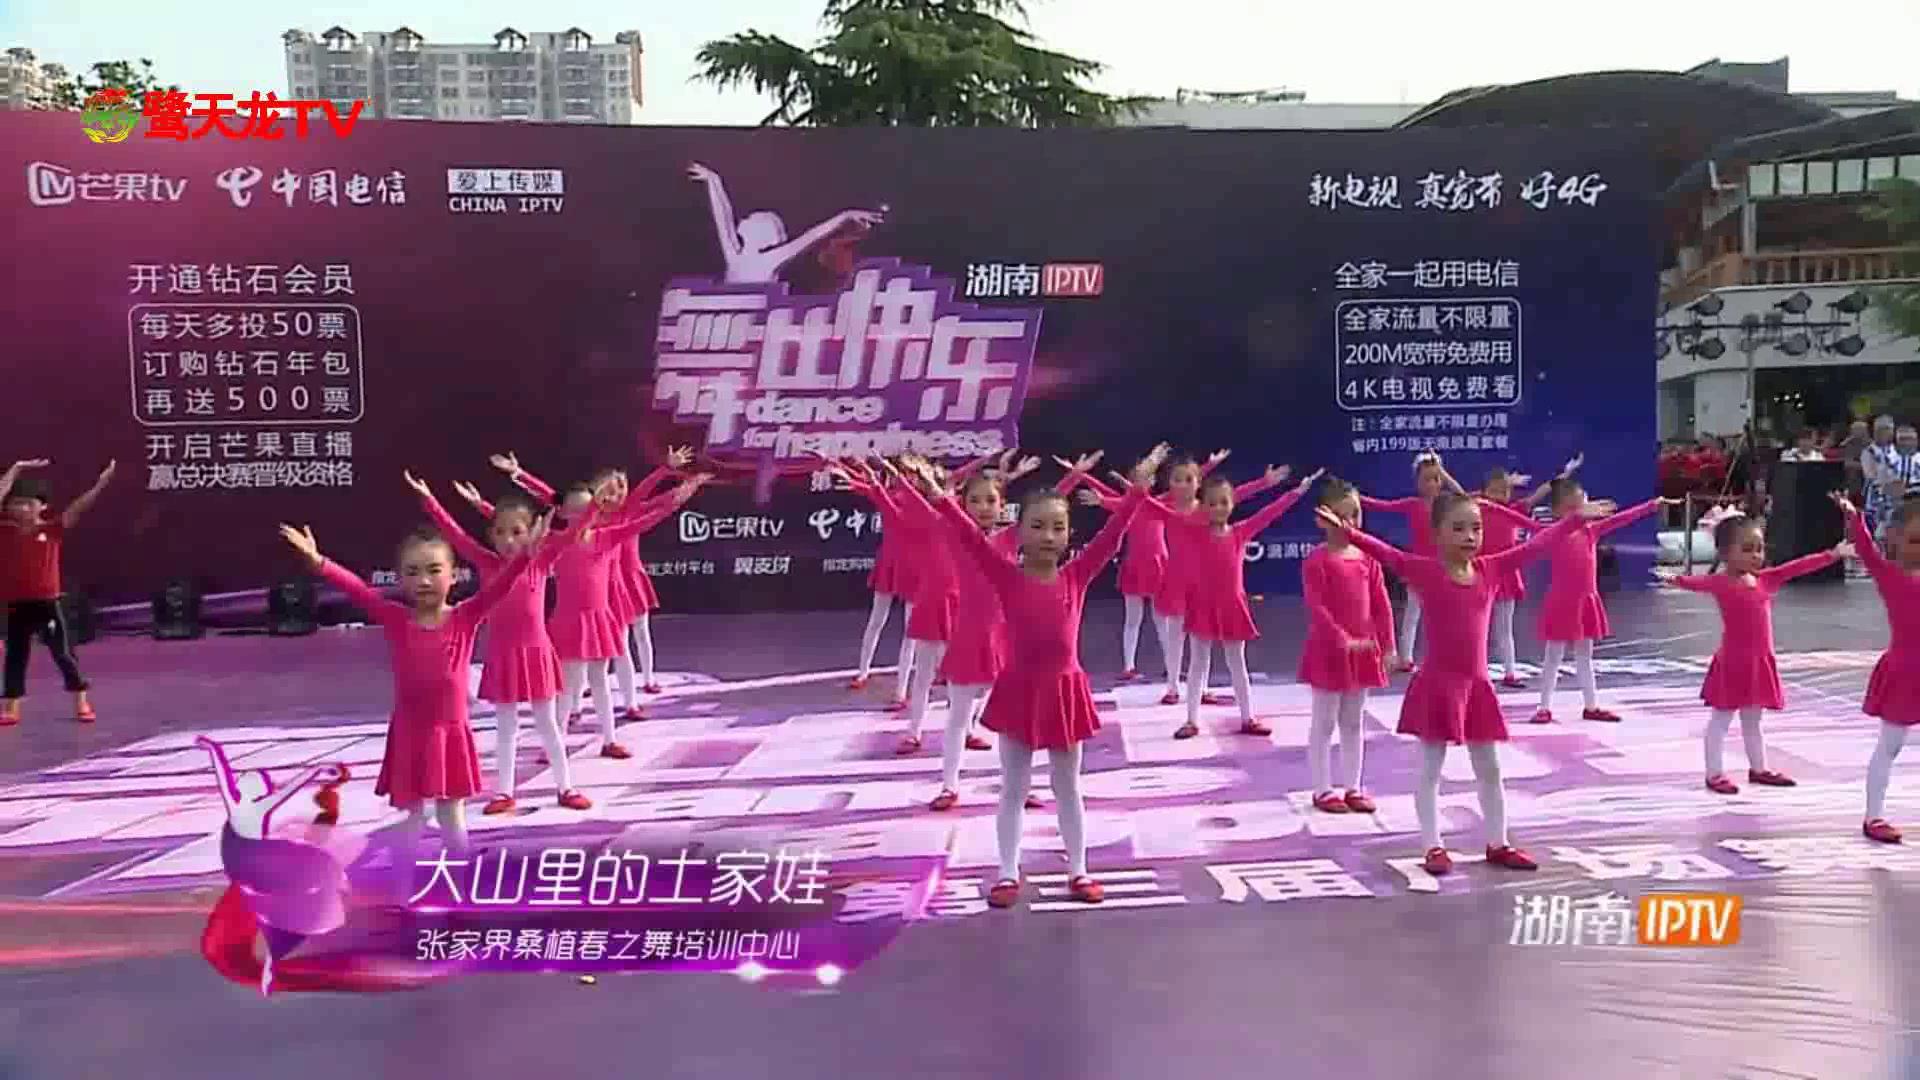 舞比快乐第三届广场舞大赛张家界站复赛曲目《大山里的土家娃》